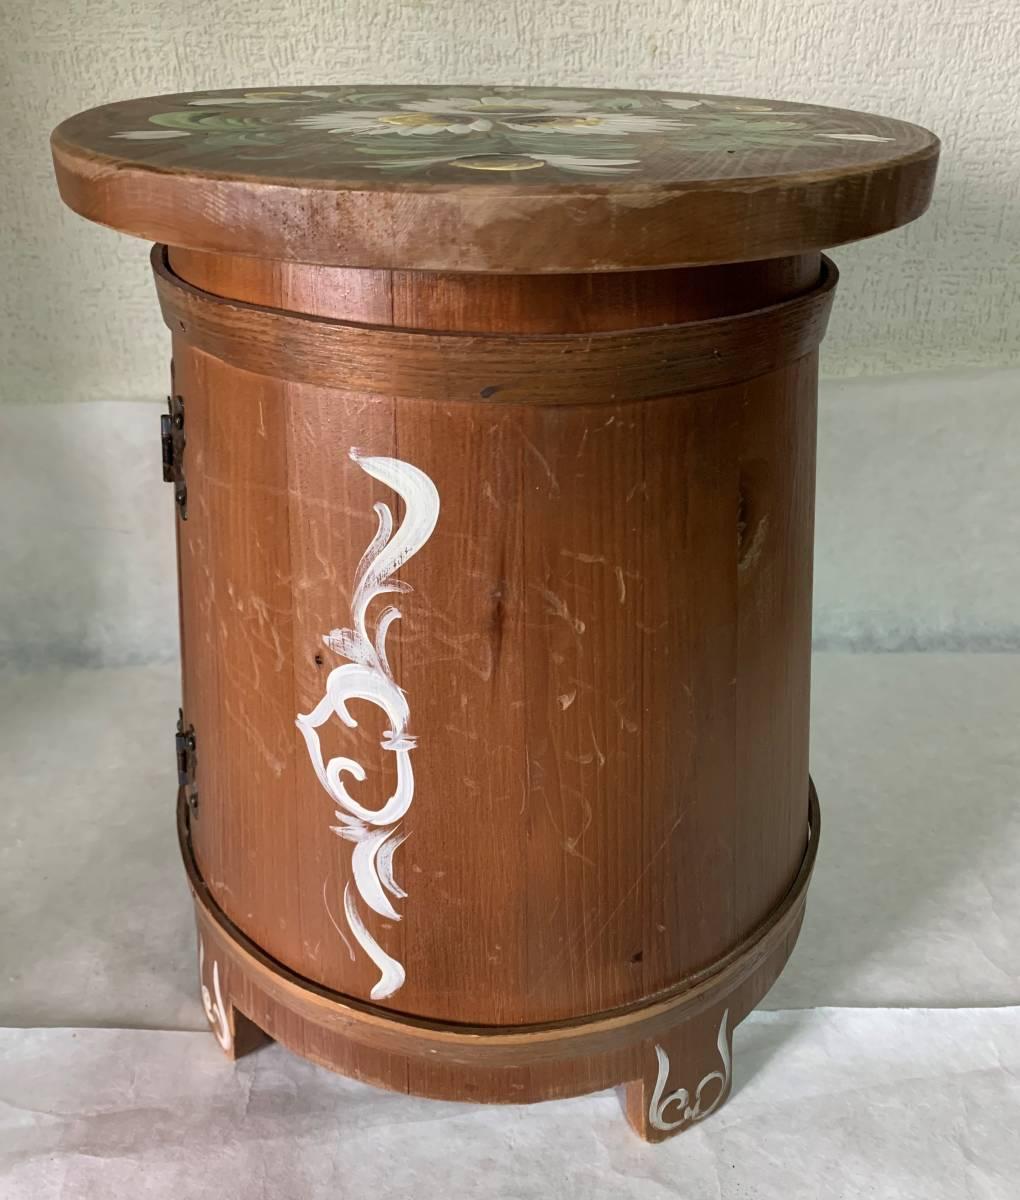 ◆イタリー製 木製 花が描かれた 花台 踏み台 腰掛 収納扉付◆_画像3